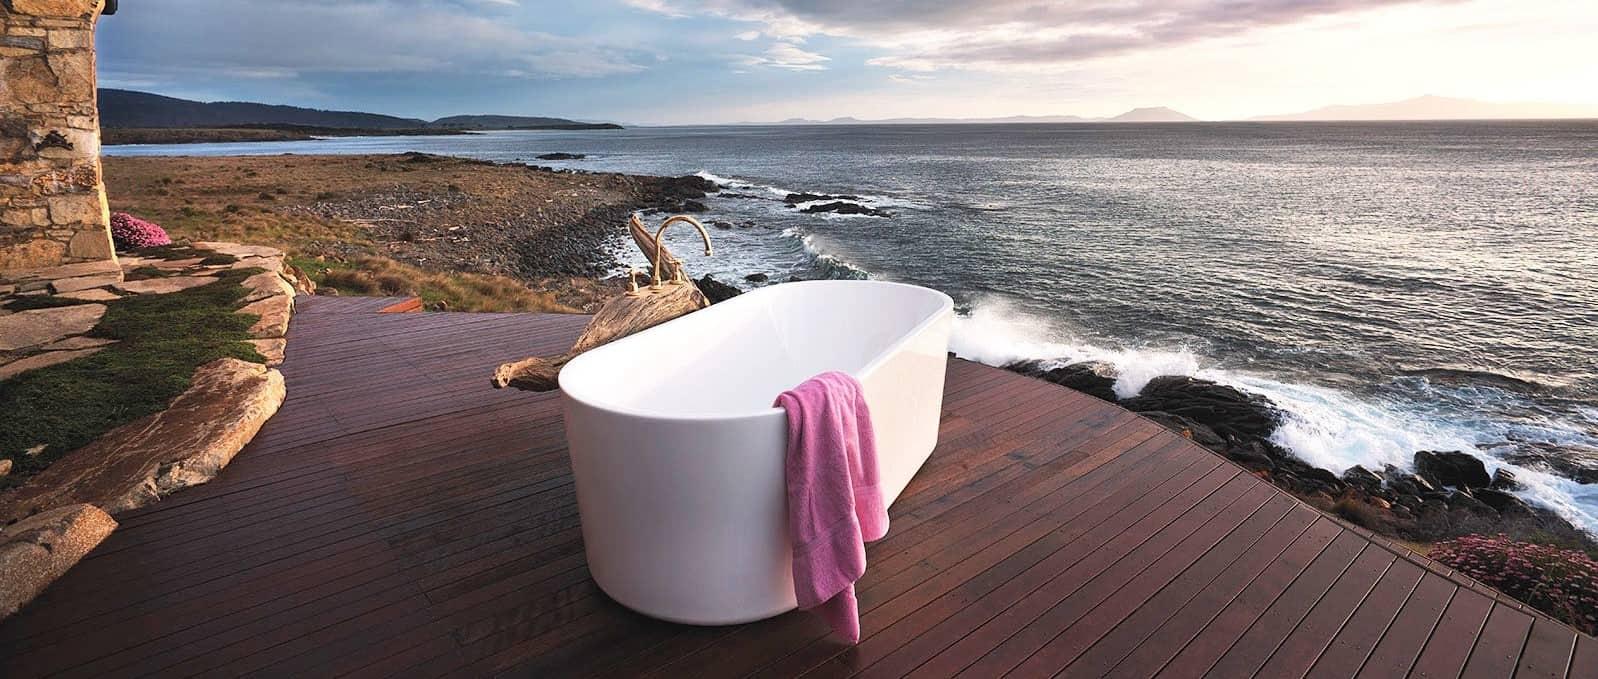 Thalia Haven Tasmania Australia